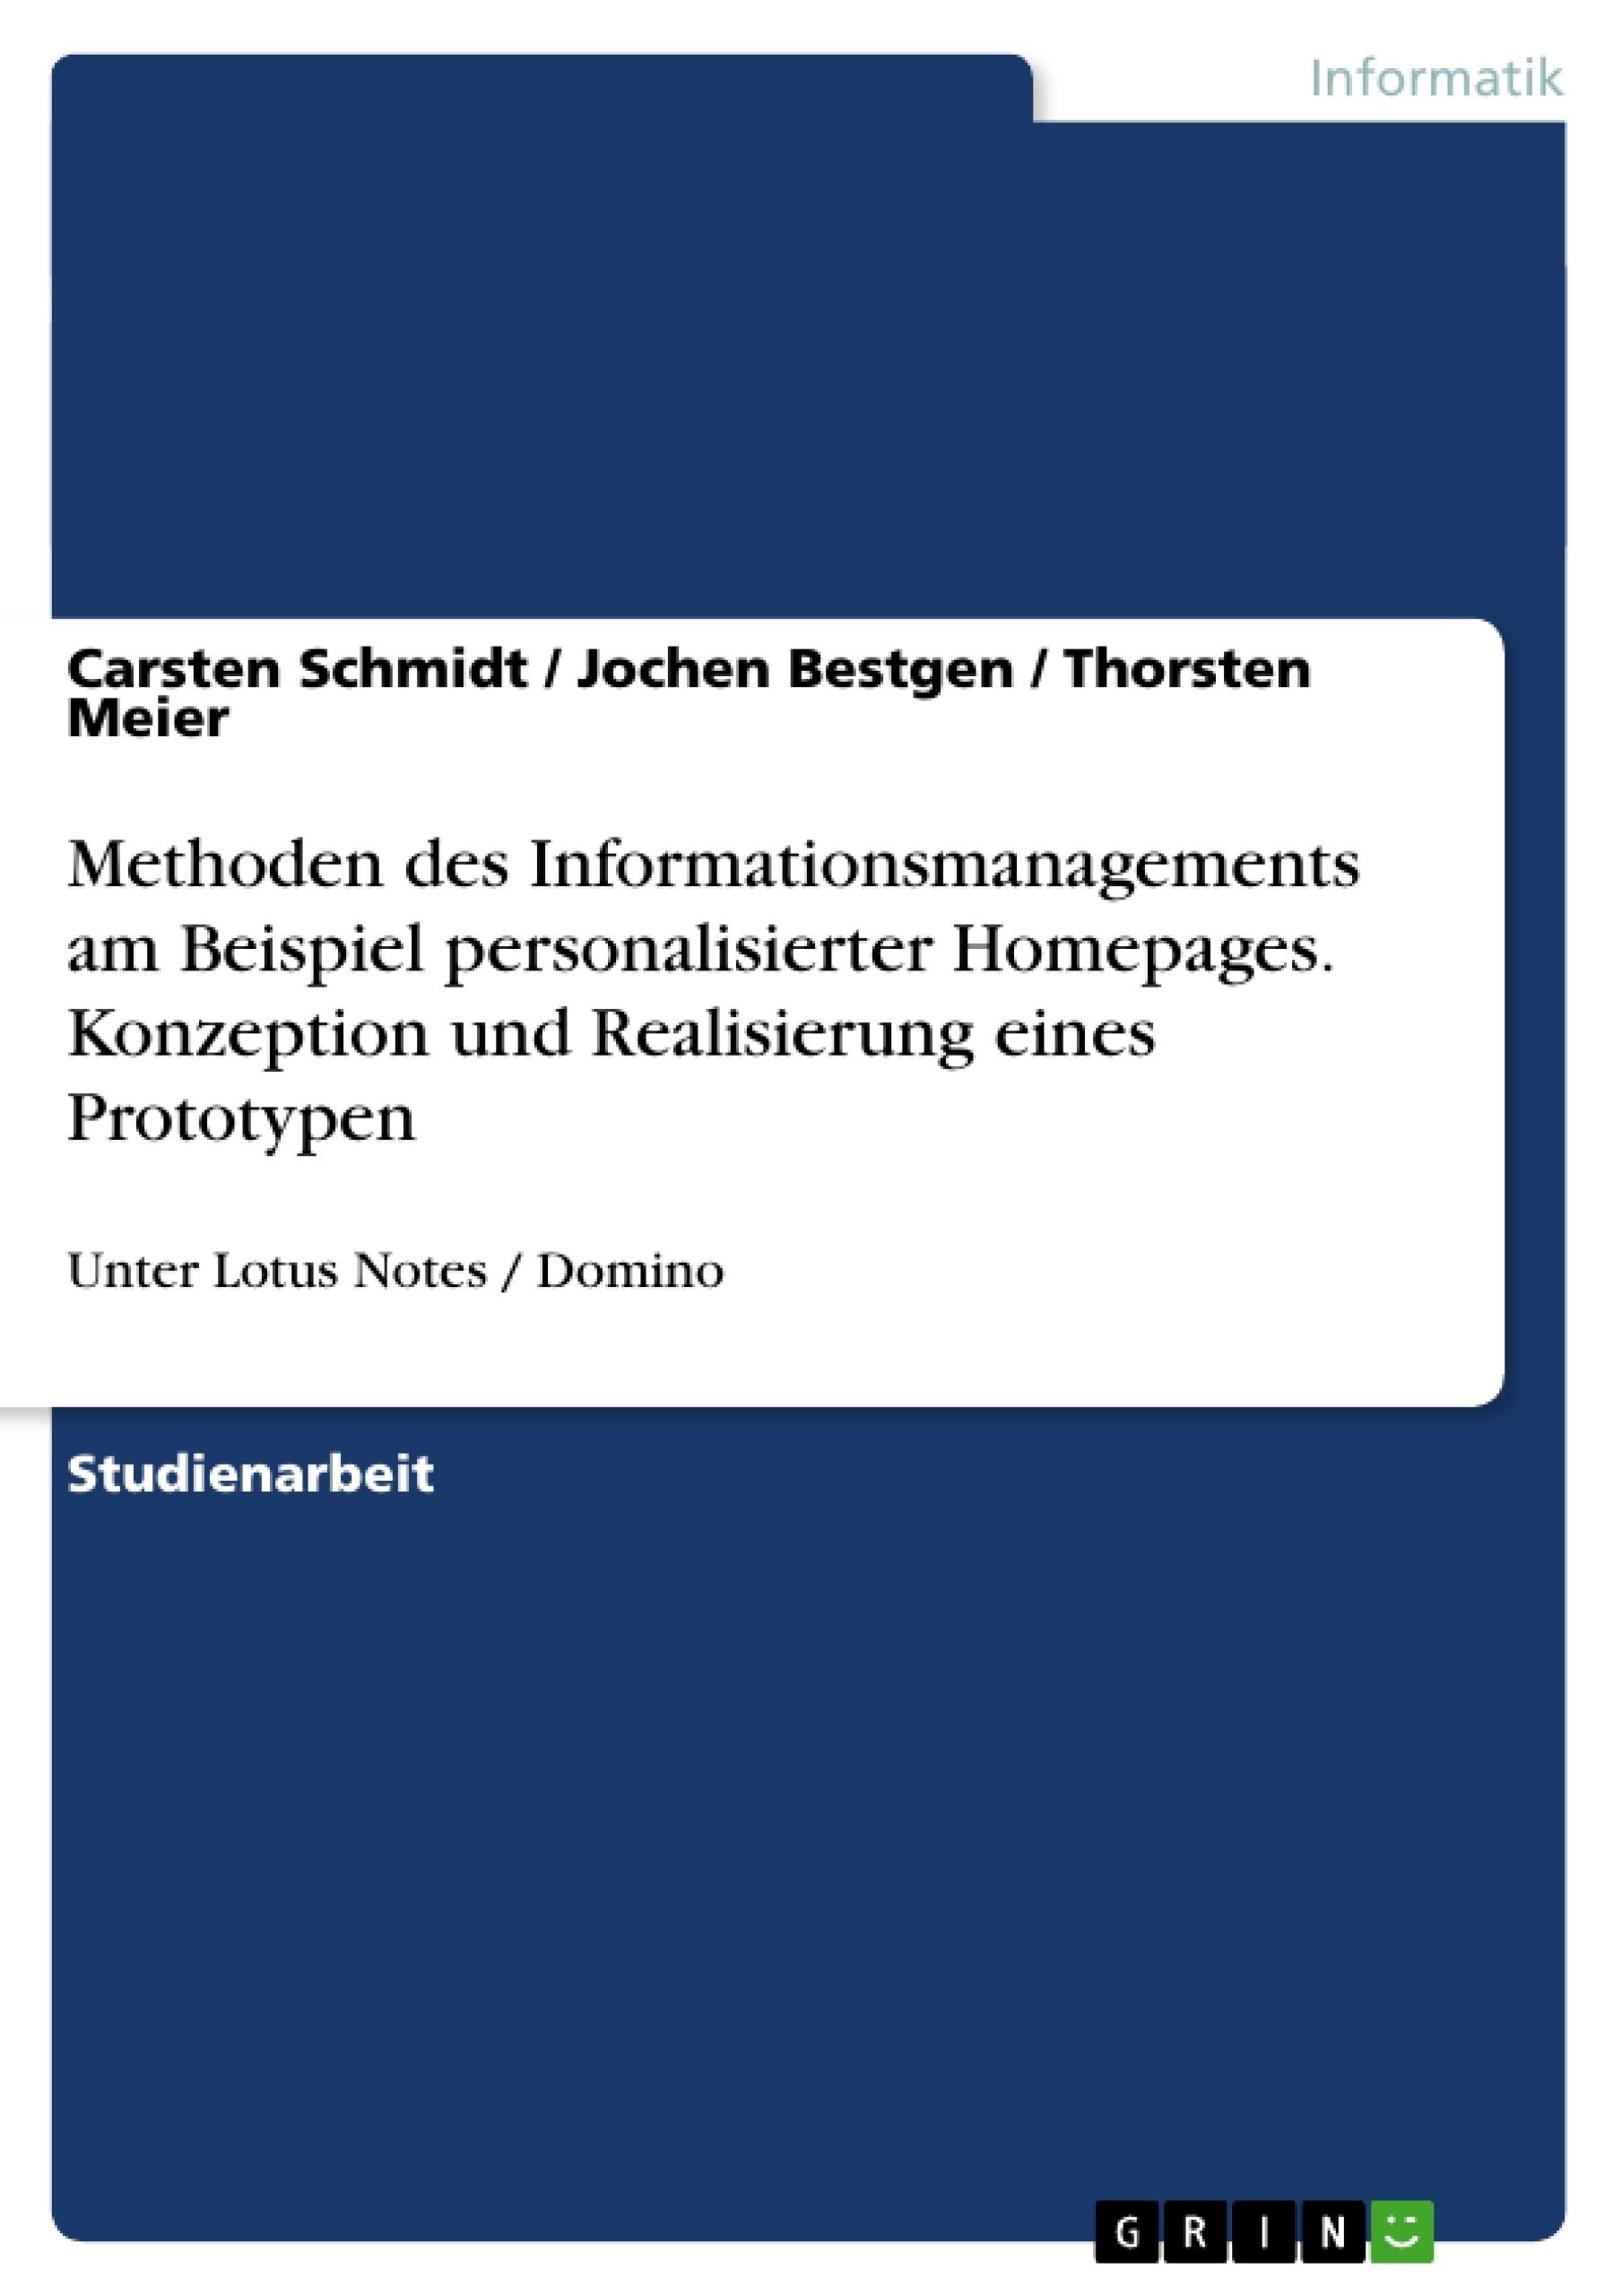 Titel: Methoden des Informationsmanagements am Beispiel personalisierter Homepages. Konzeption und Realisierung eines Prototypen